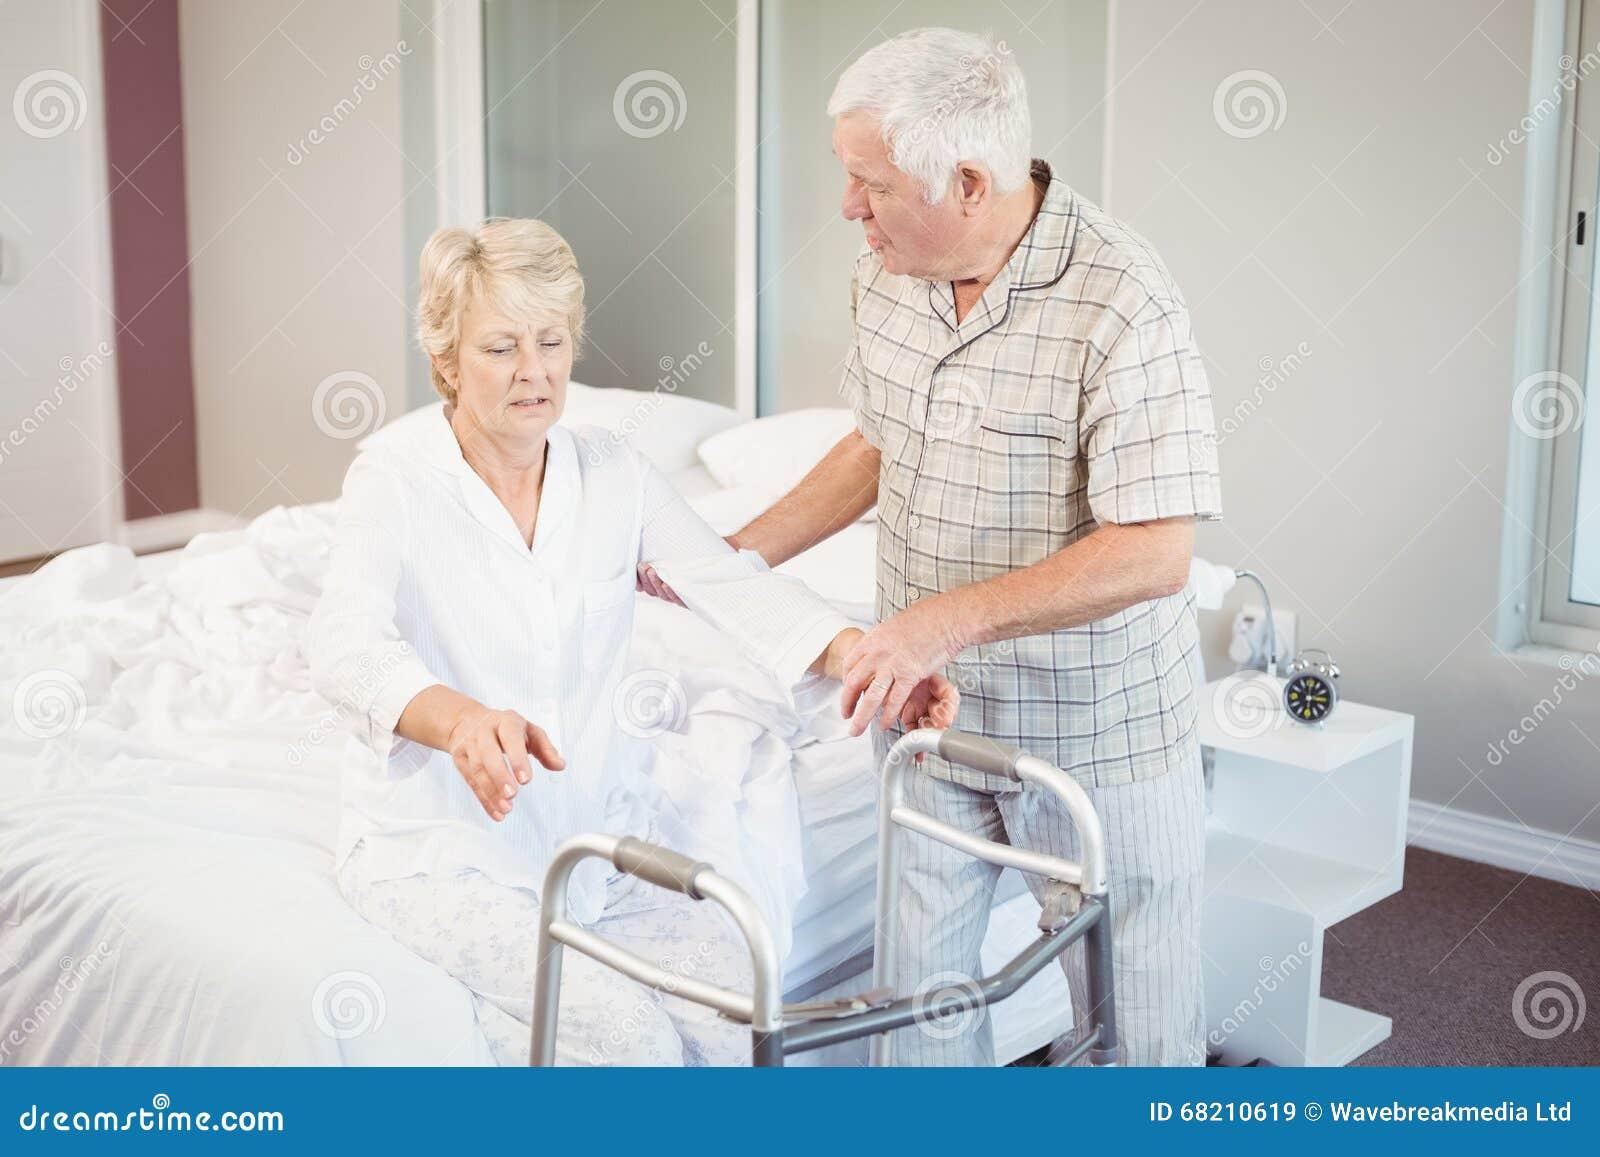 Hombre mayor que ayuda a la mujer enferma en levantarse de cama